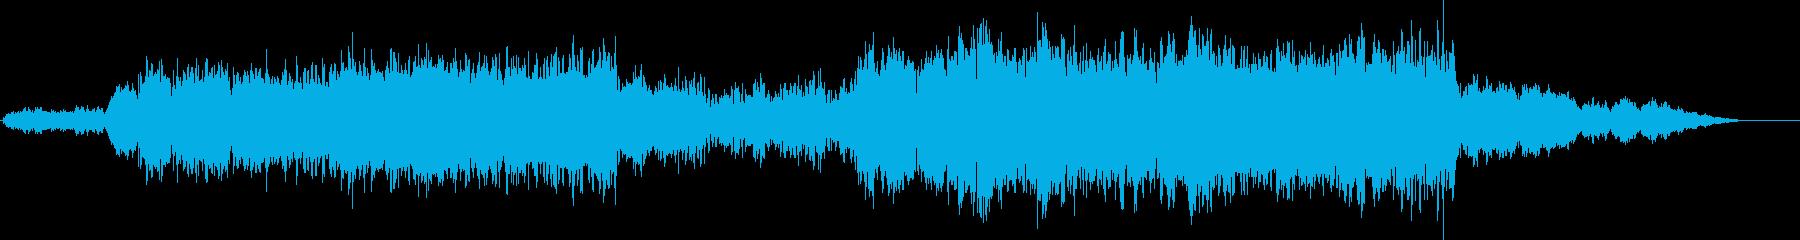 物語の始まりのオーケストラの再生済みの波形